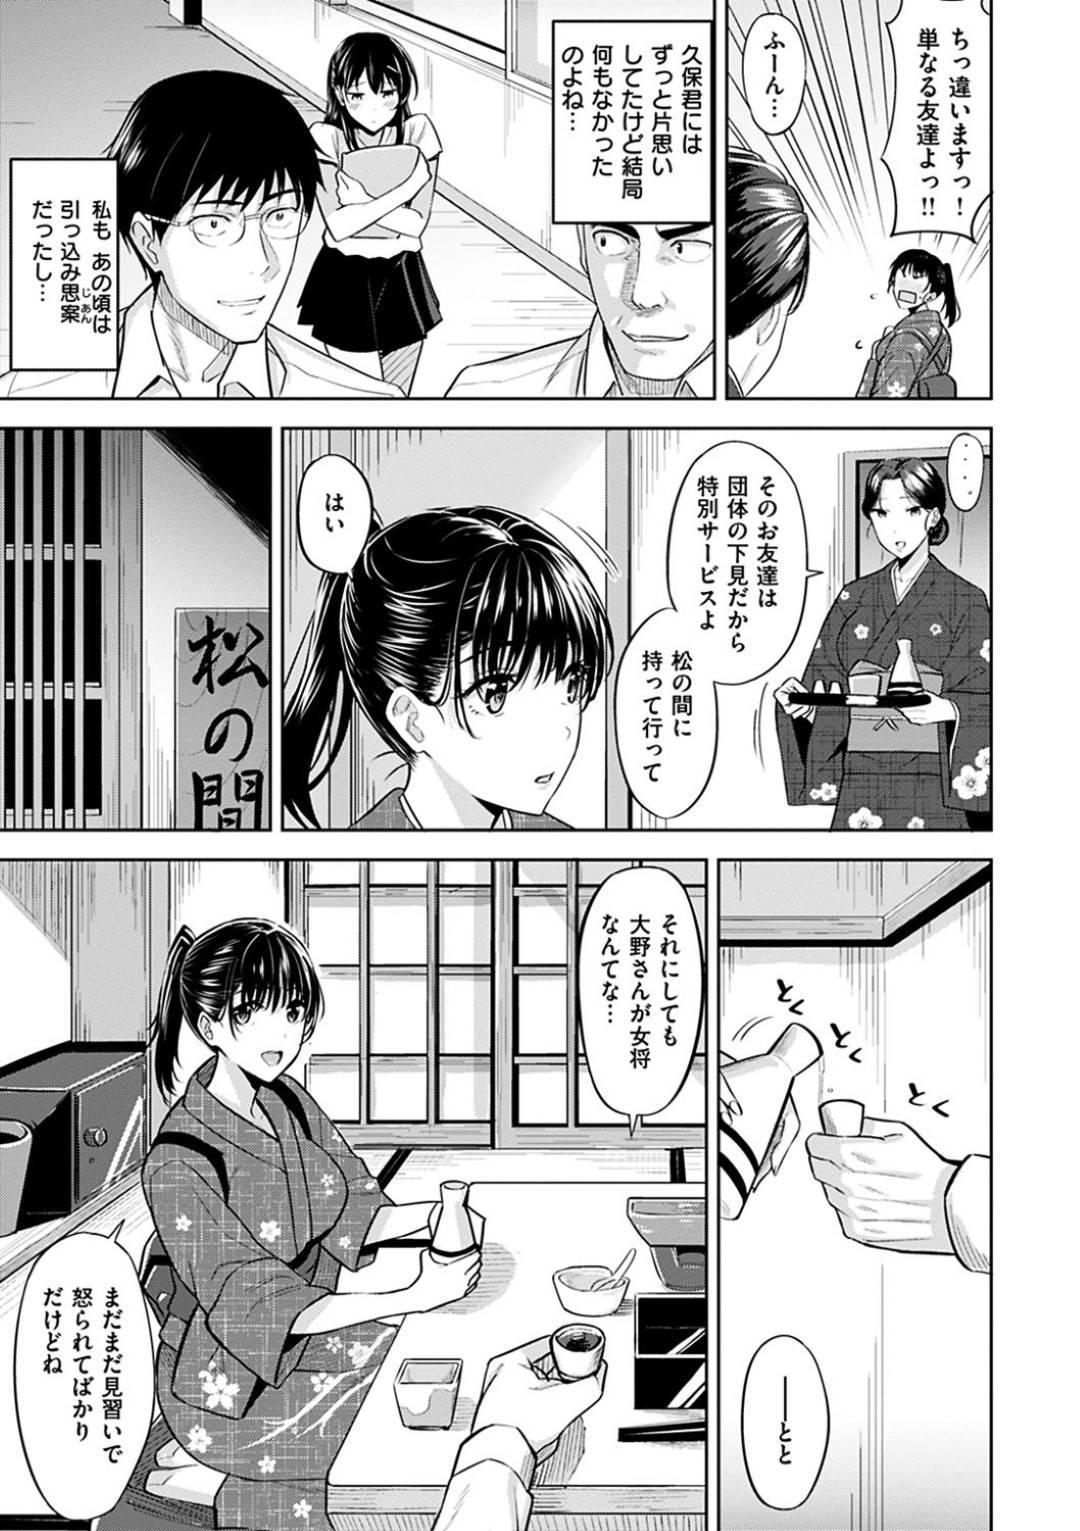 【エロ漫画】旅館に客としてきた大学時代の同級生と再会した若女将は、お風呂でイチャラブセックスして結ばれる